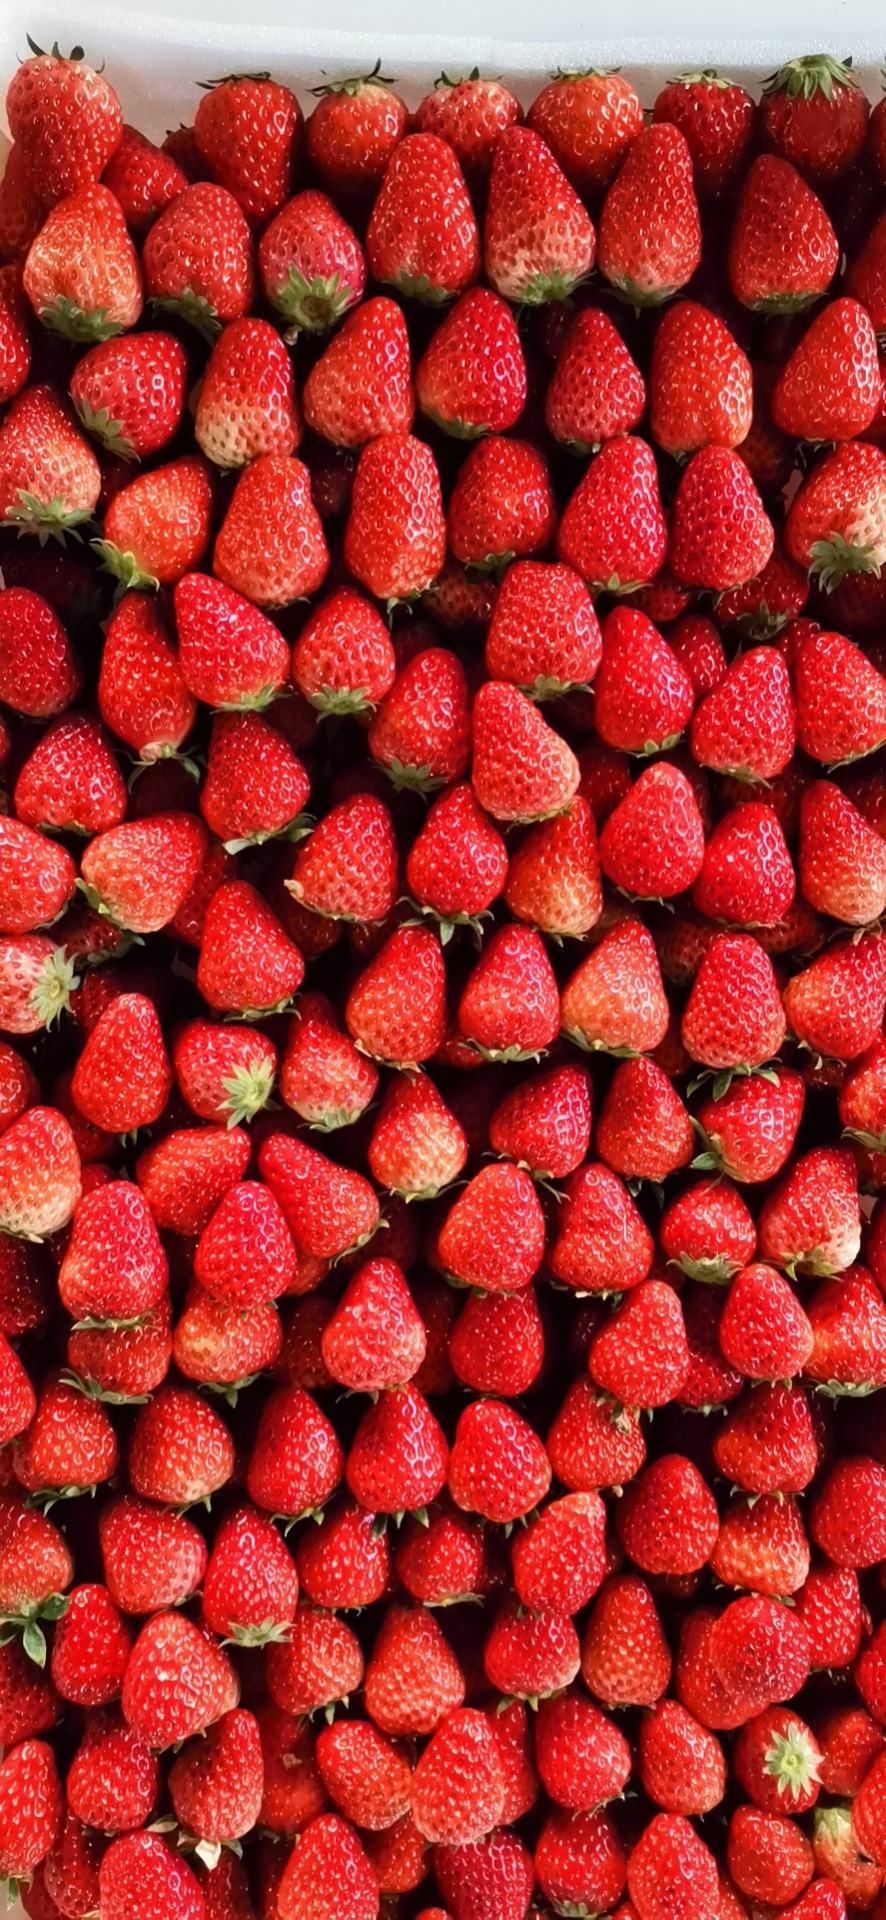 红颜草莓,原产地自家种植,也可代办代收